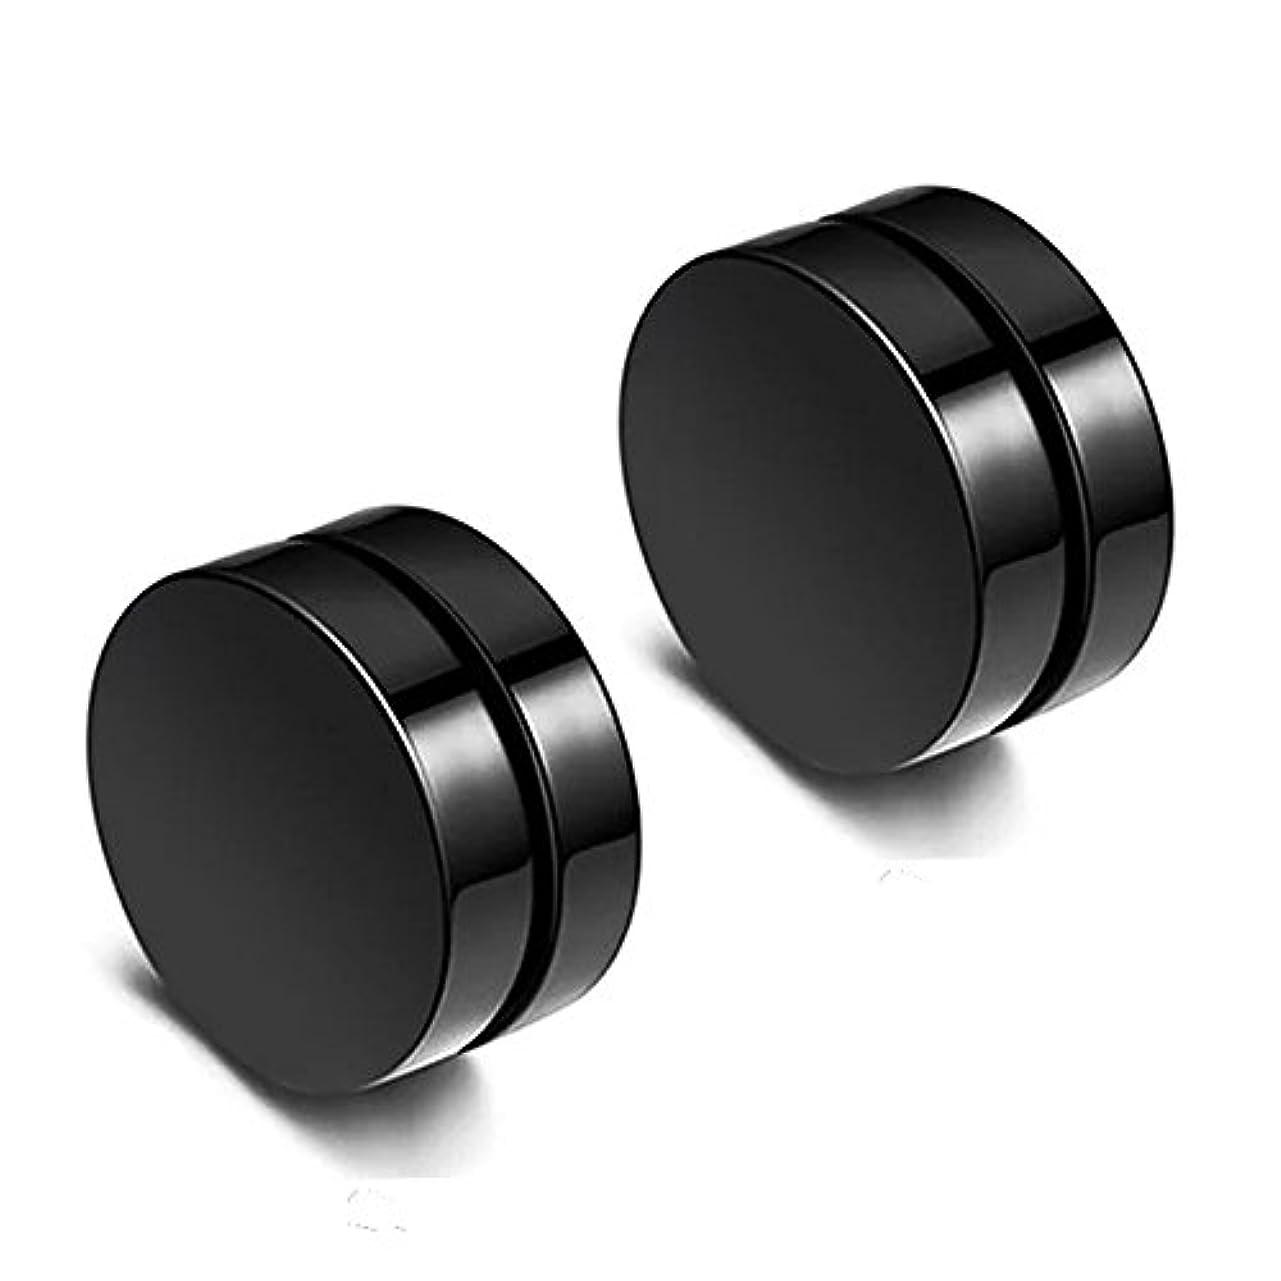 ポスト印象派修正断言するブラックラウンドイヤリングマグネットイヤリングイヤリングイヤリングニュートラルイヤリング4セット(4セット)